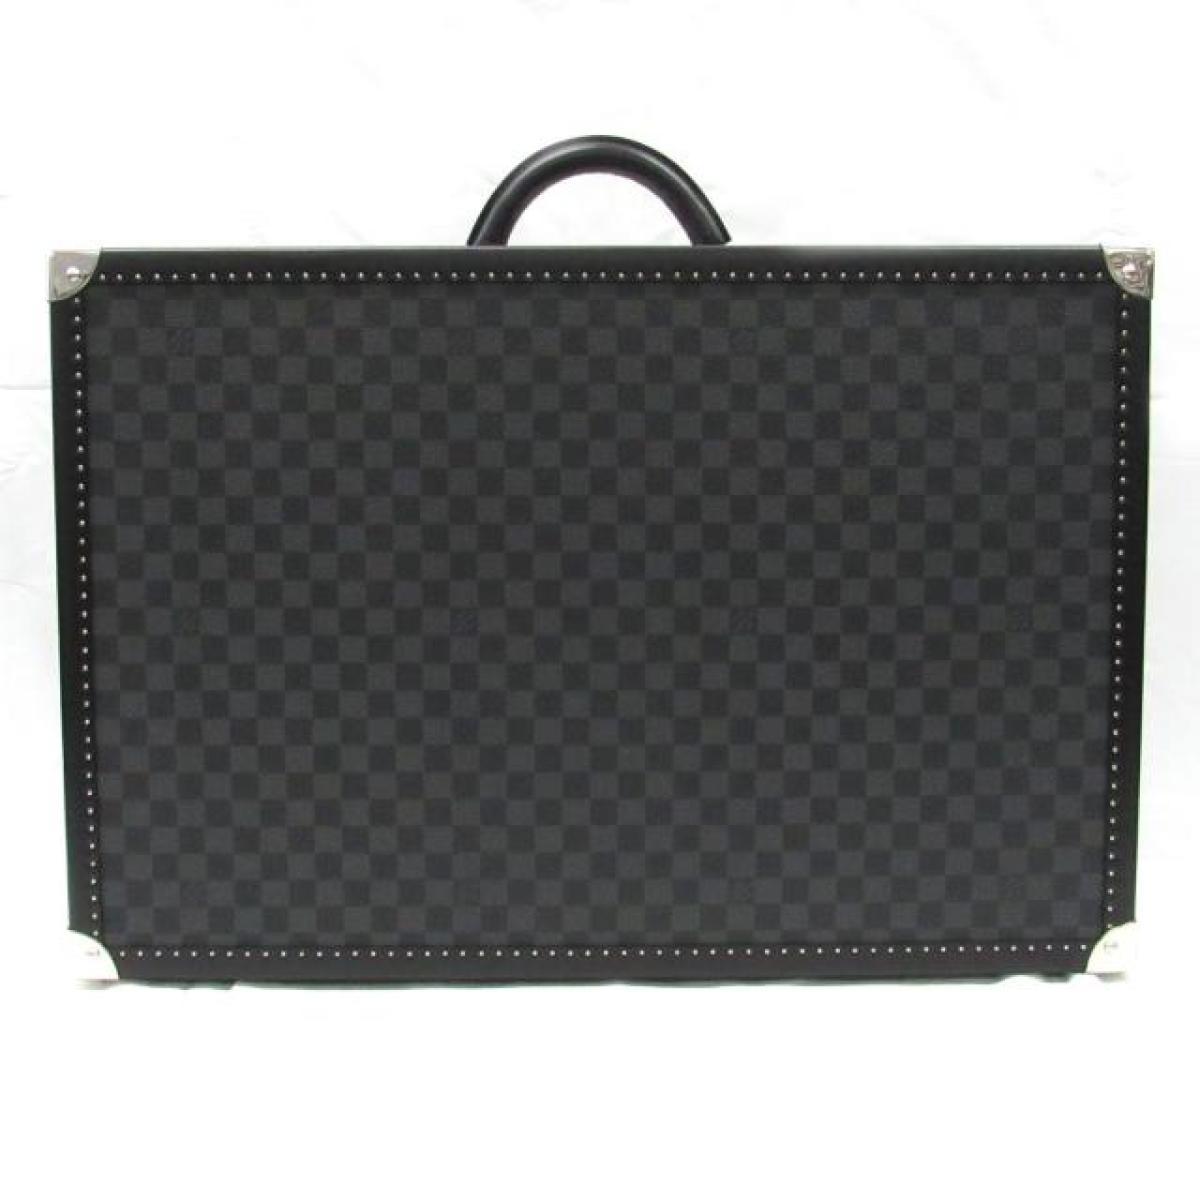 ルイヴィトン アルゼール65 旅行バッグ バッグ メンズ レディース ダミエ・グラフィット ダミエ・グラフィット (N21231) 【中古】 | ブランド